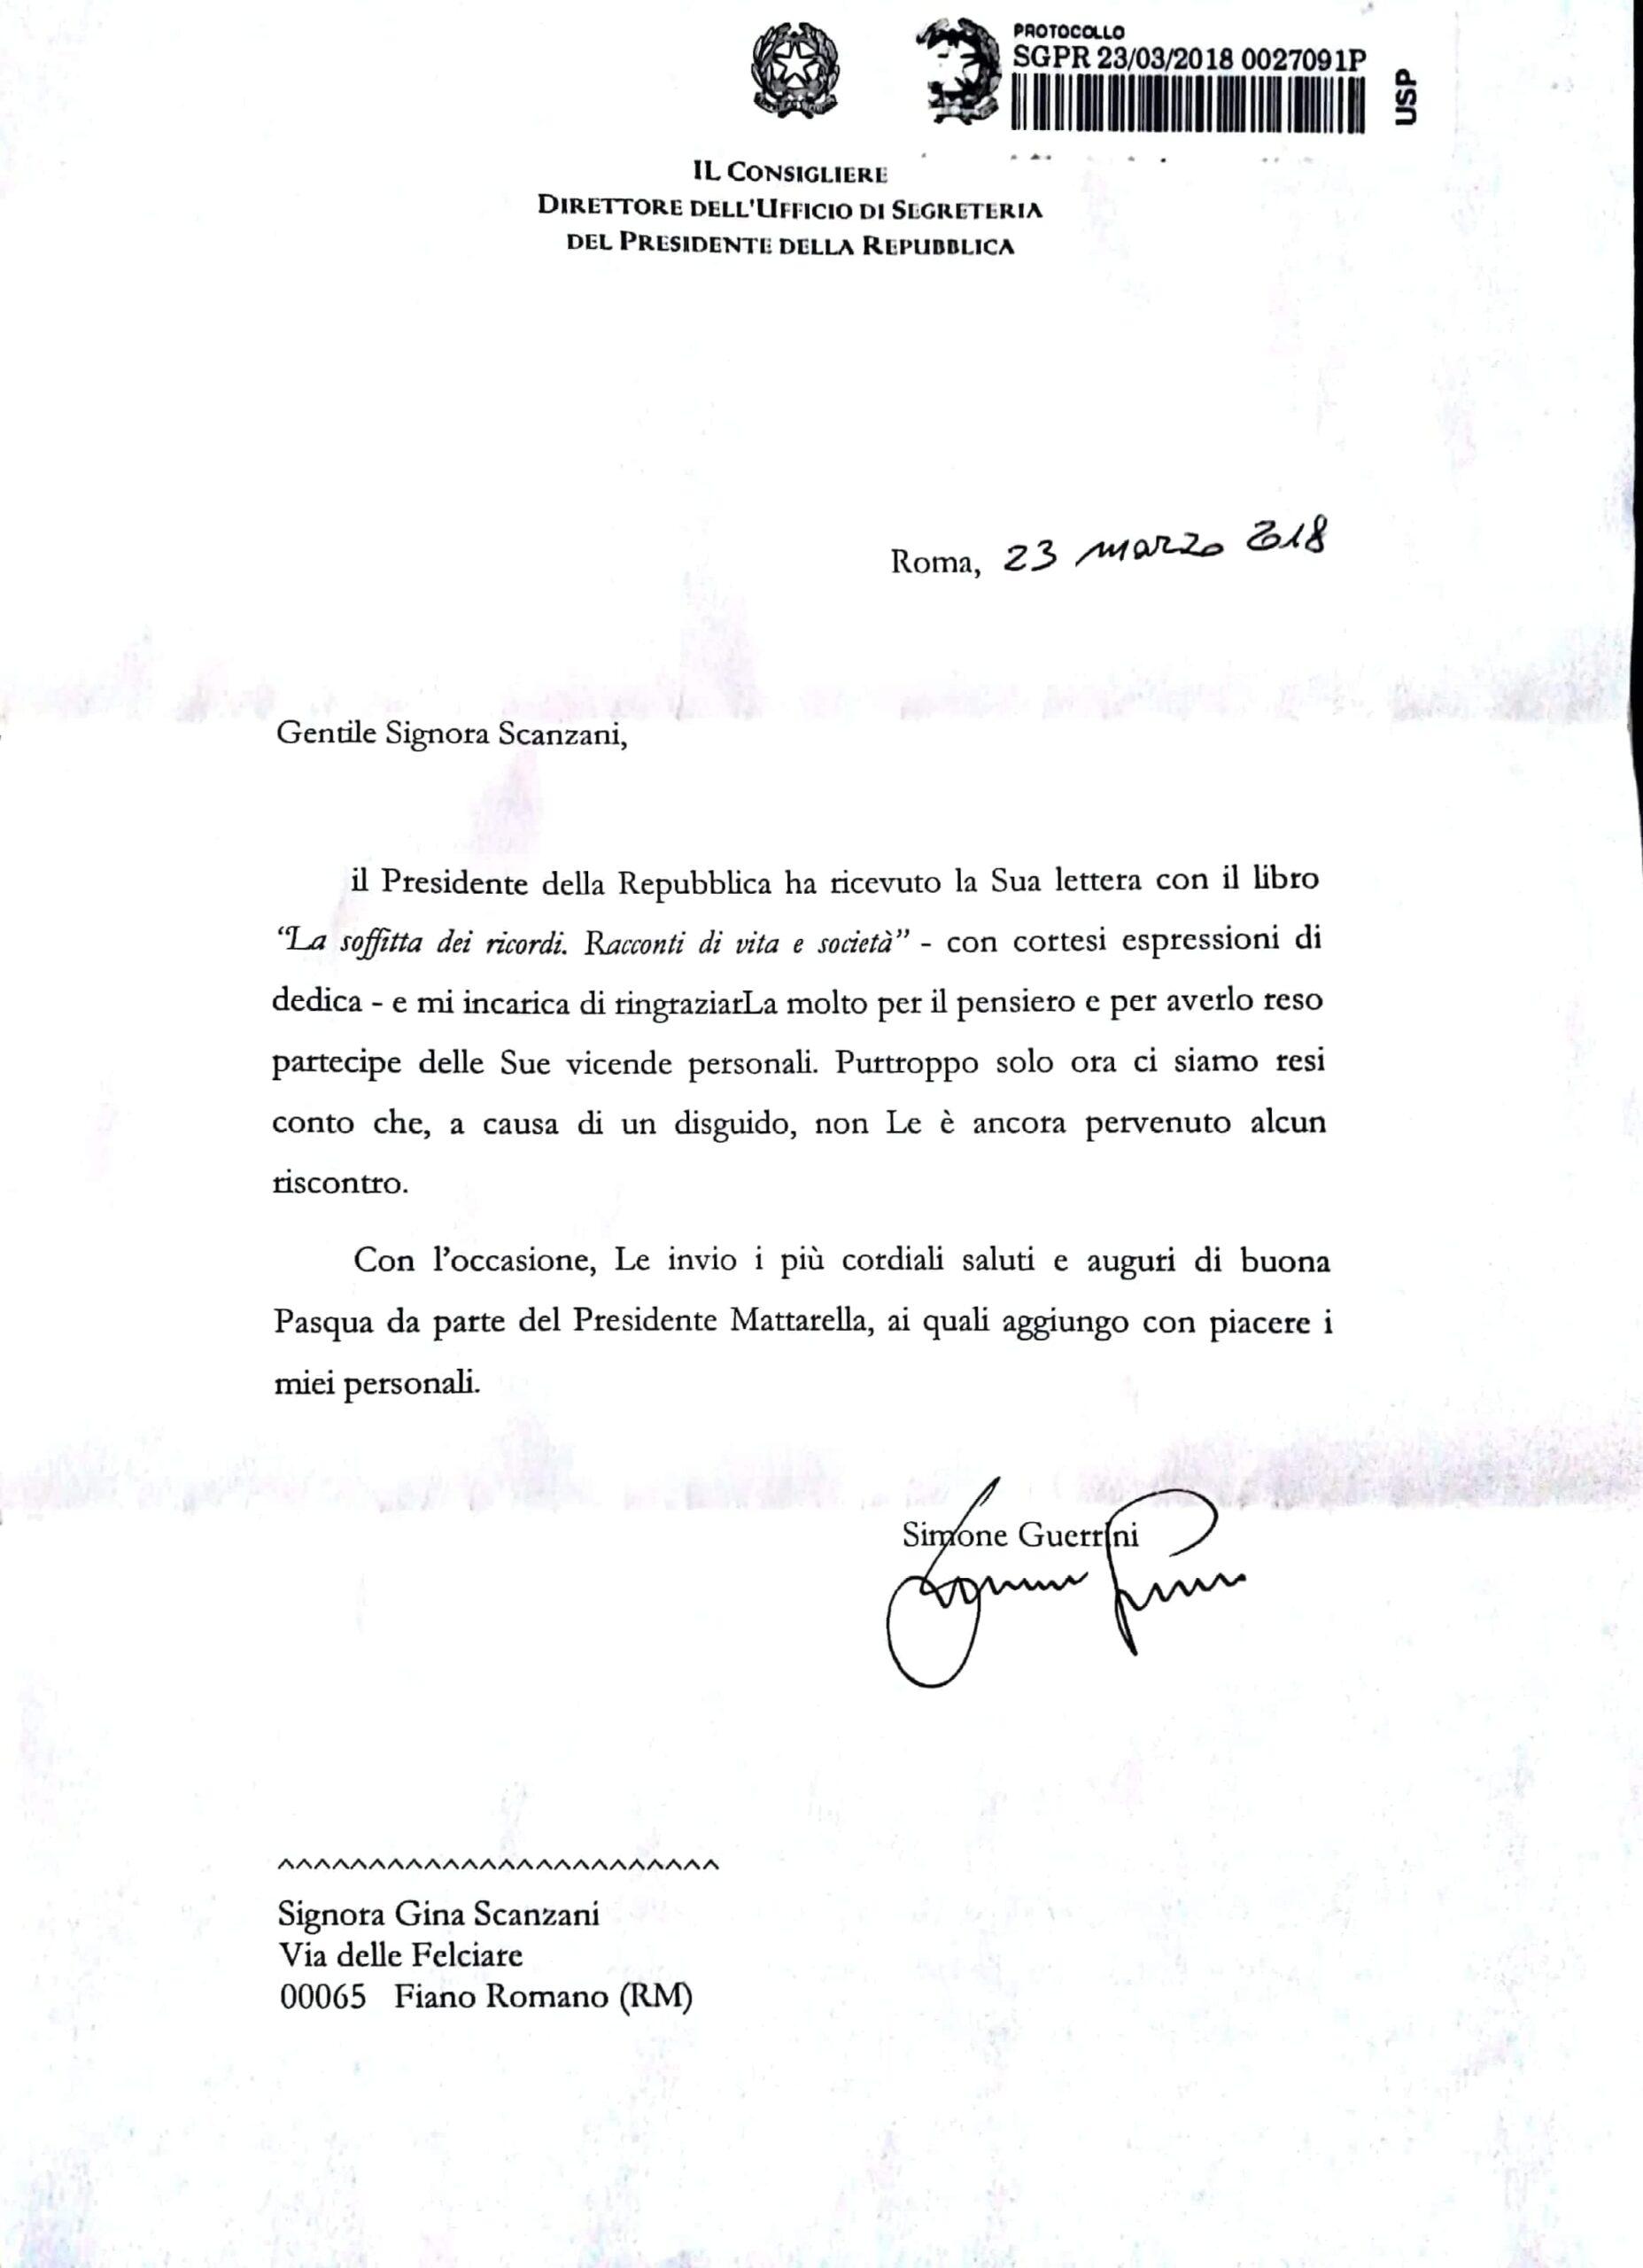 Lettera dalla Presidenza della Repubblica Italiana